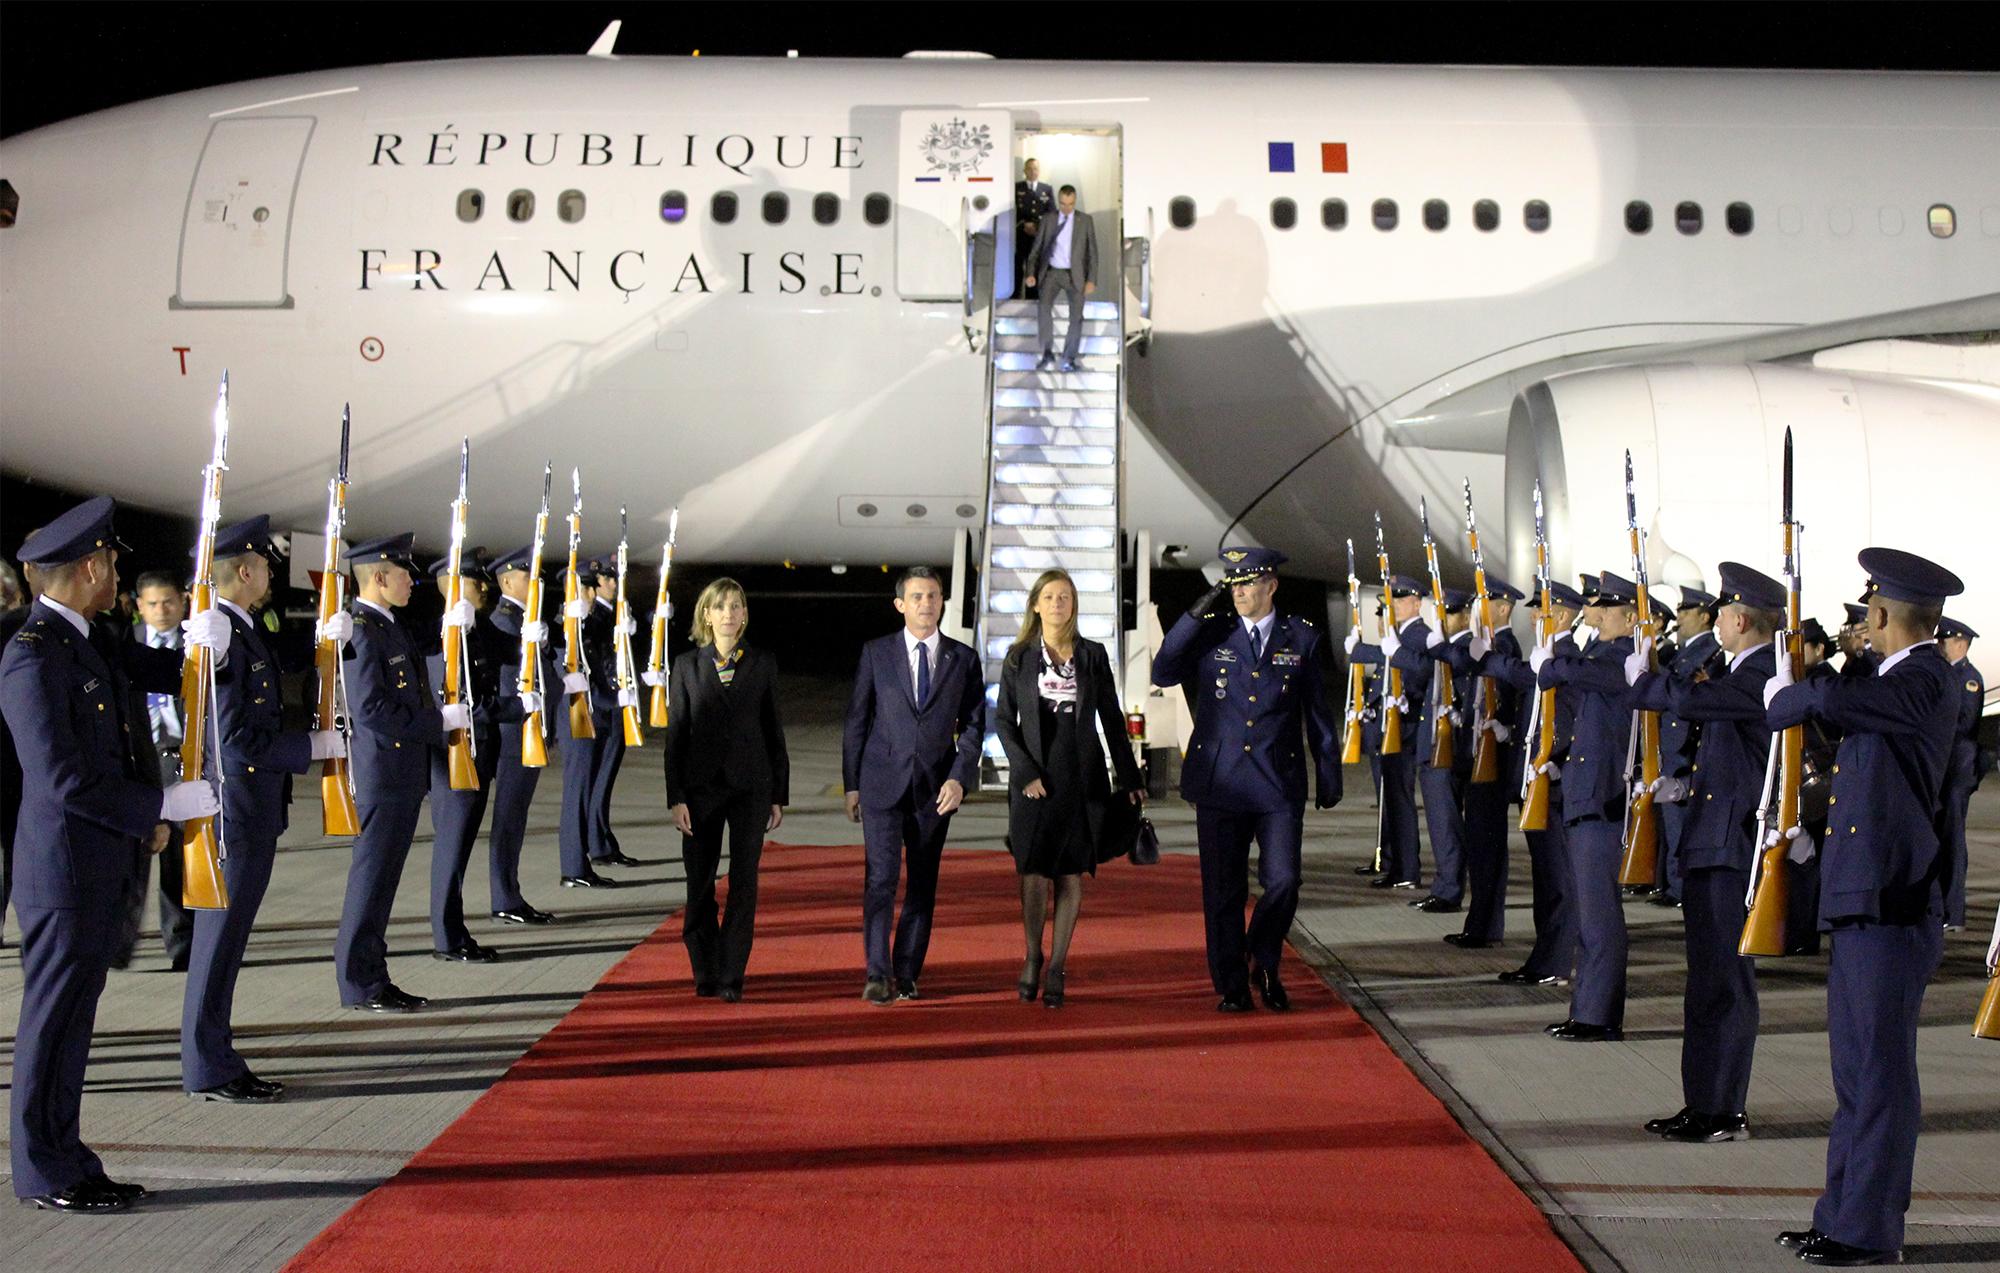 Viceministra de Relaciones Exteriores recibió en el aeropuerto militar de Catam al Primer Ministro de Francia.-Foto: Gustavo Doria